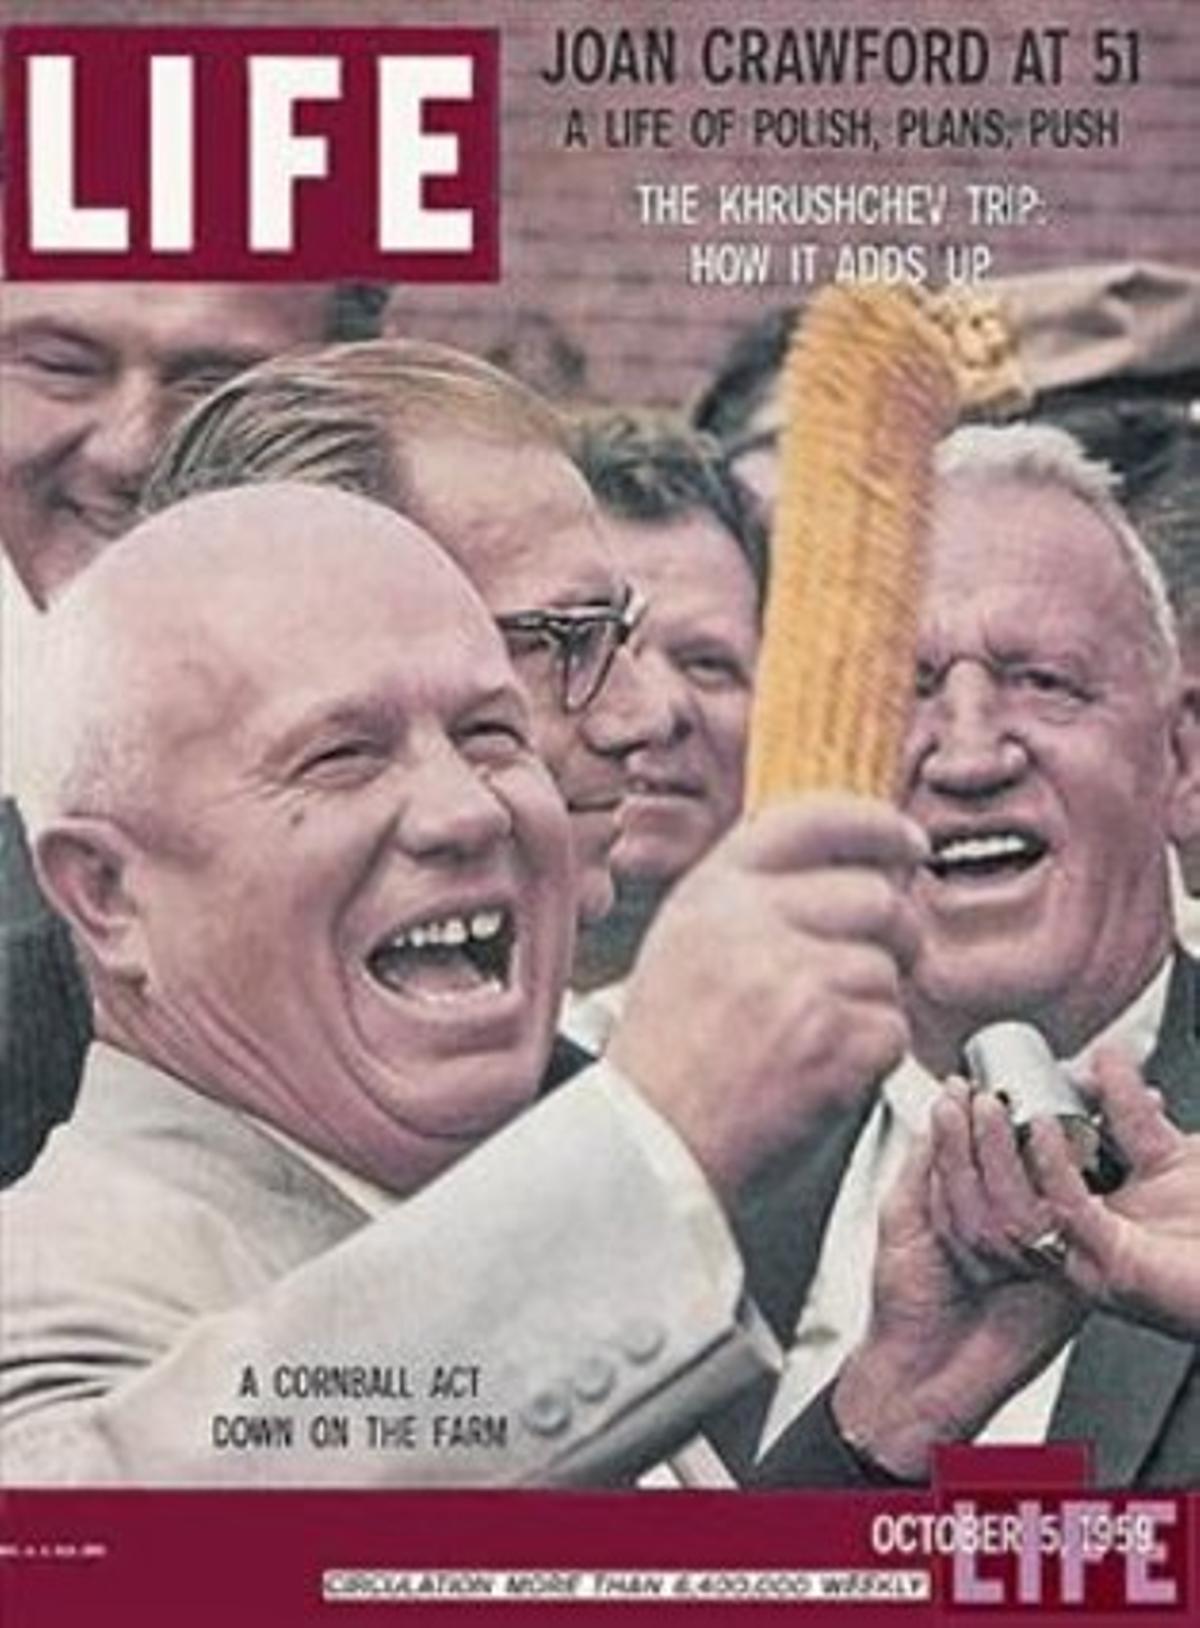 fanático del maízNikita Kruschev, que mandó sembrar mazorcas en Kazajistán, Siberiay los Urales, en la portada de 'Life',en octubre de 1959.